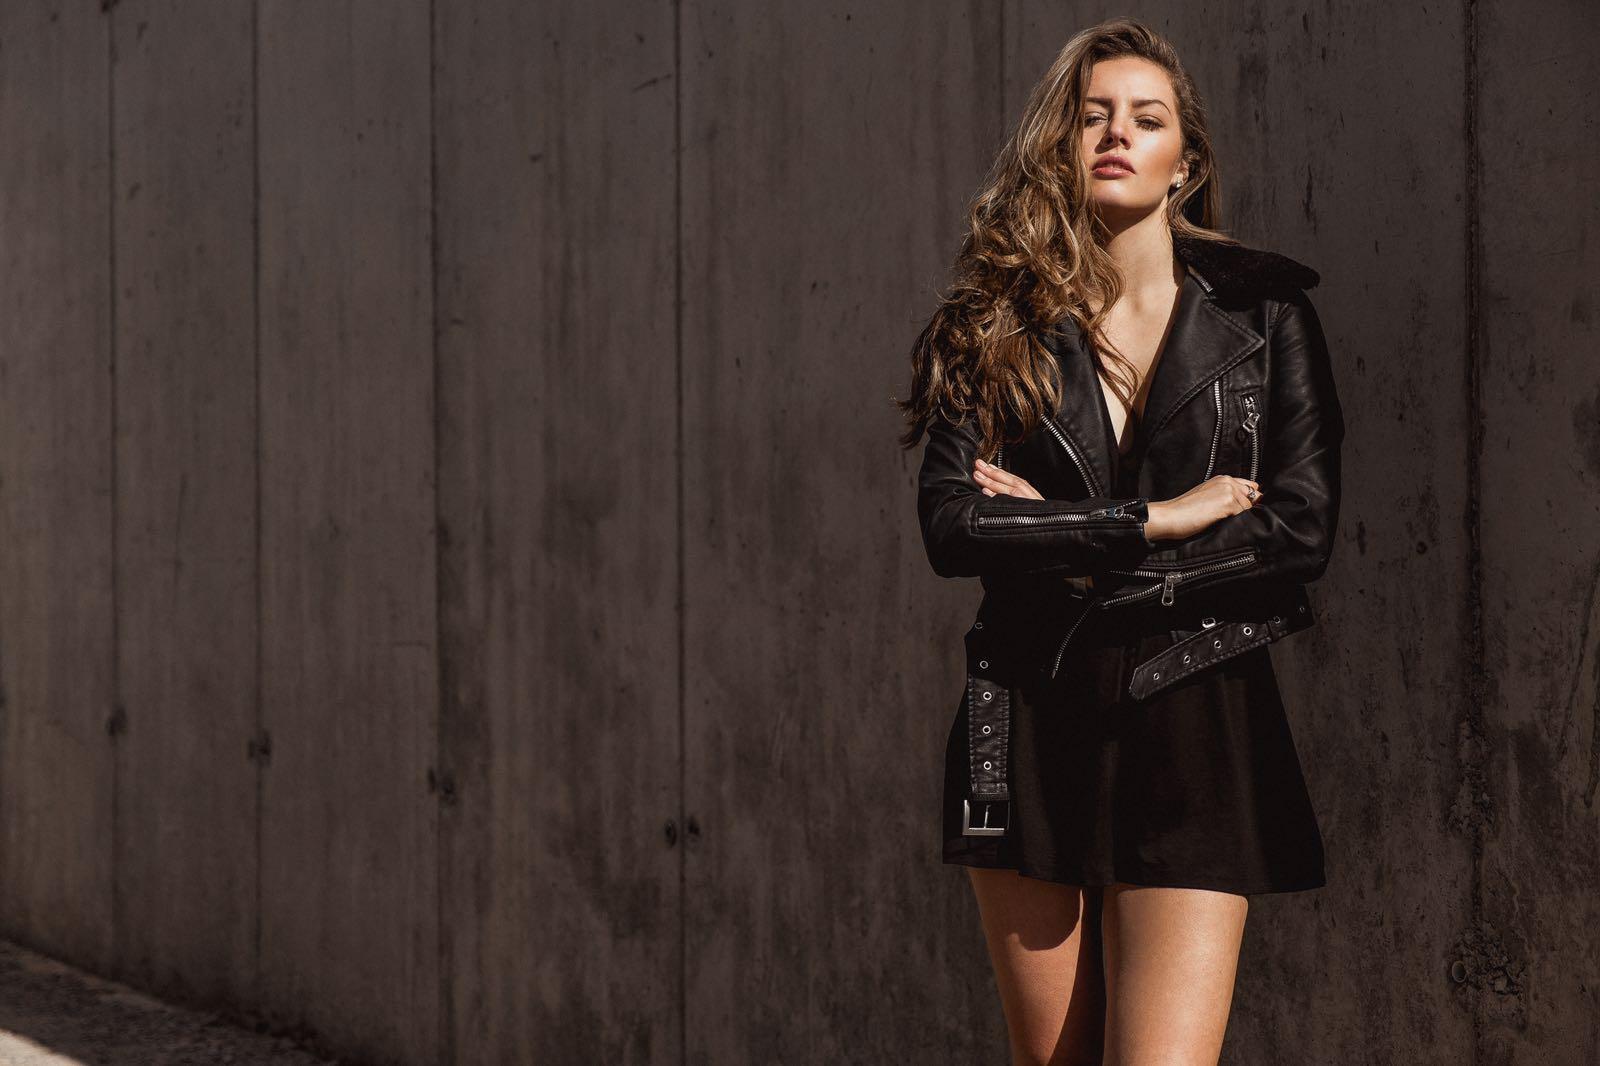 Carley R- lel - 25 model mgmt bristol, london models women commerical- desert